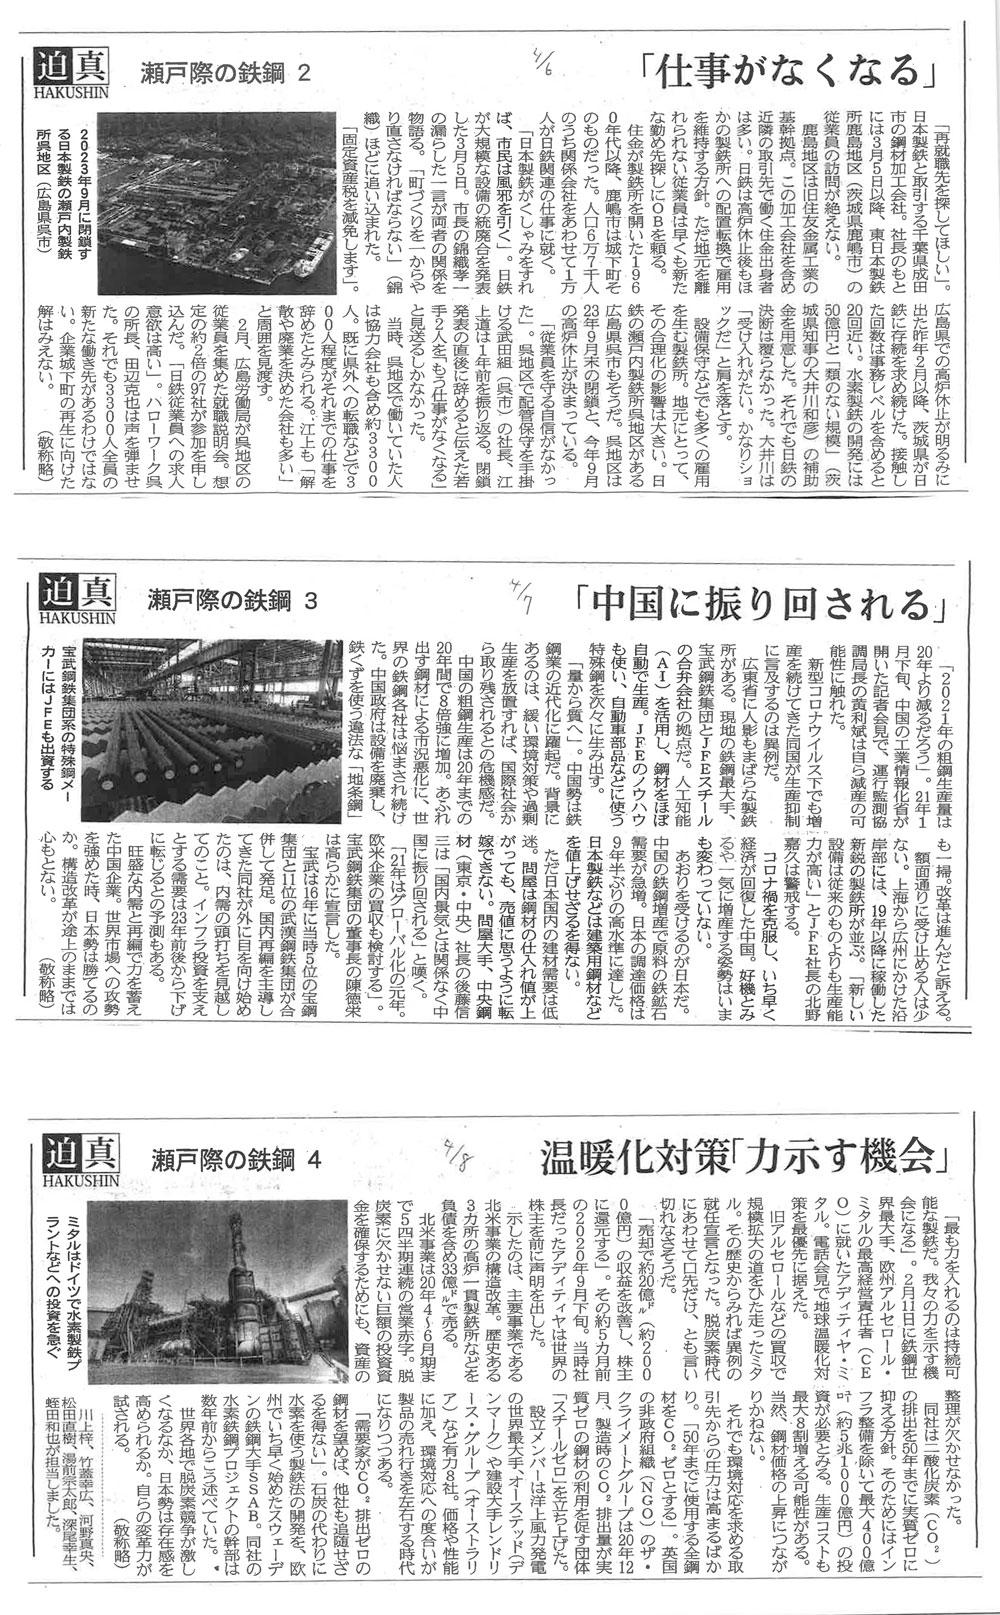 20210406-8日本経済新聞